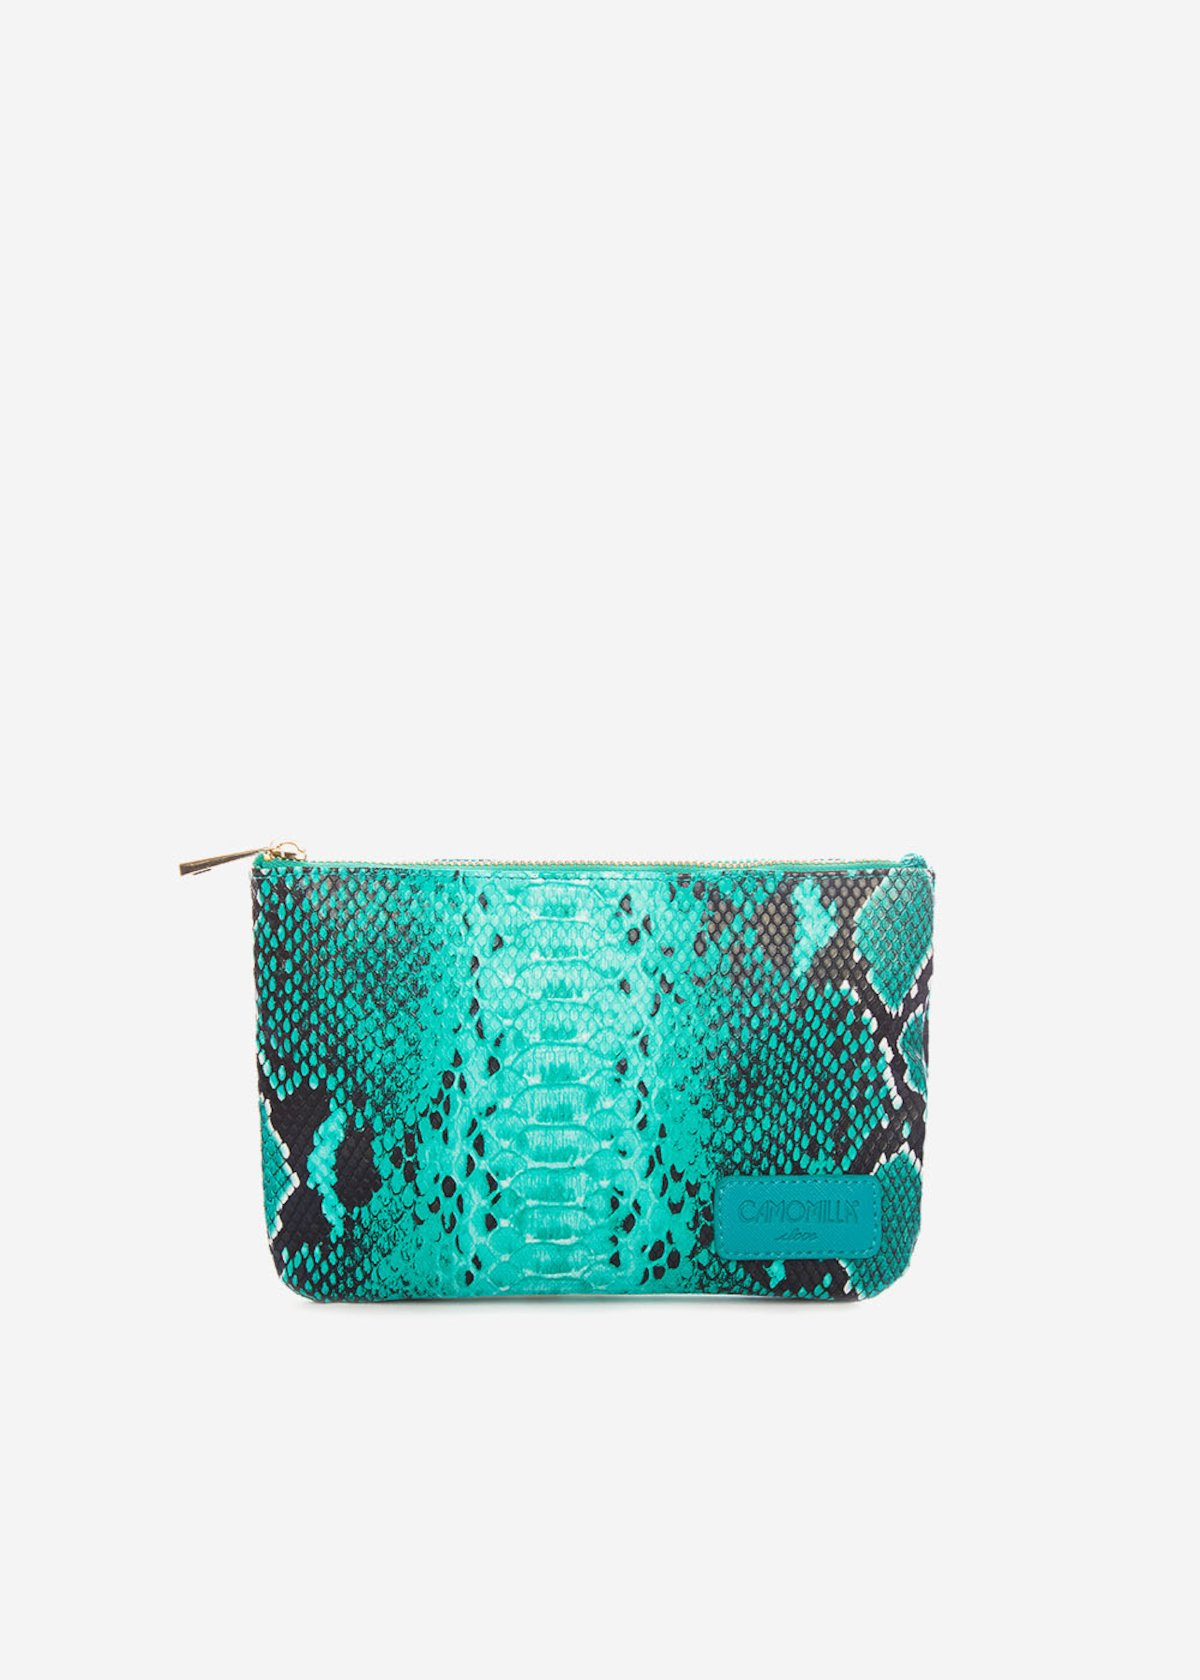 Tonga Python bag with shoulder strap